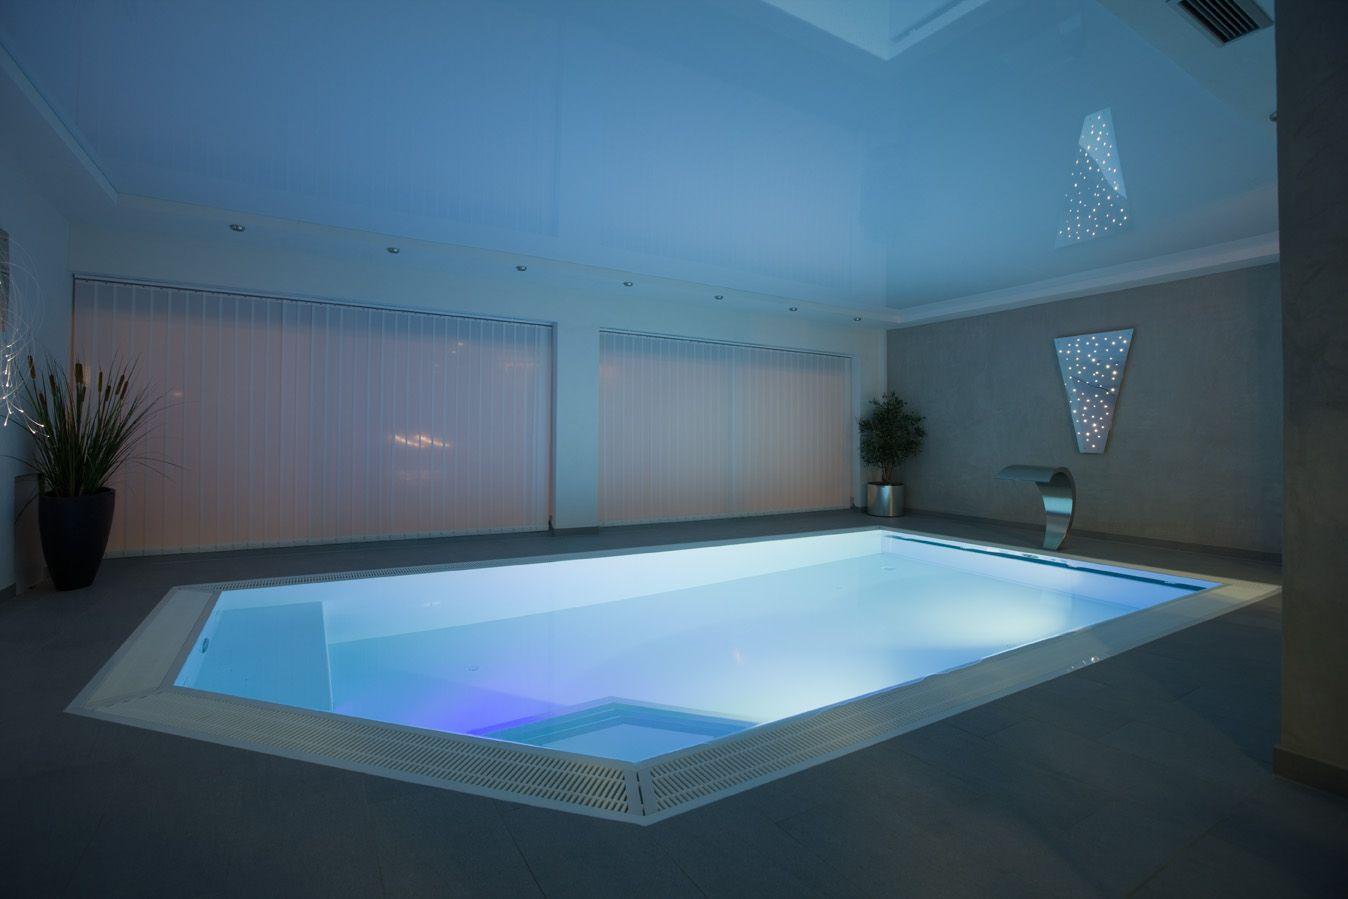 abdeckung f r schwimmbecken jena schwimmbadbau in jena schwimmhalle schwimmbad bauen. Black Bedroom Furniture Sets. Home Design Ideas